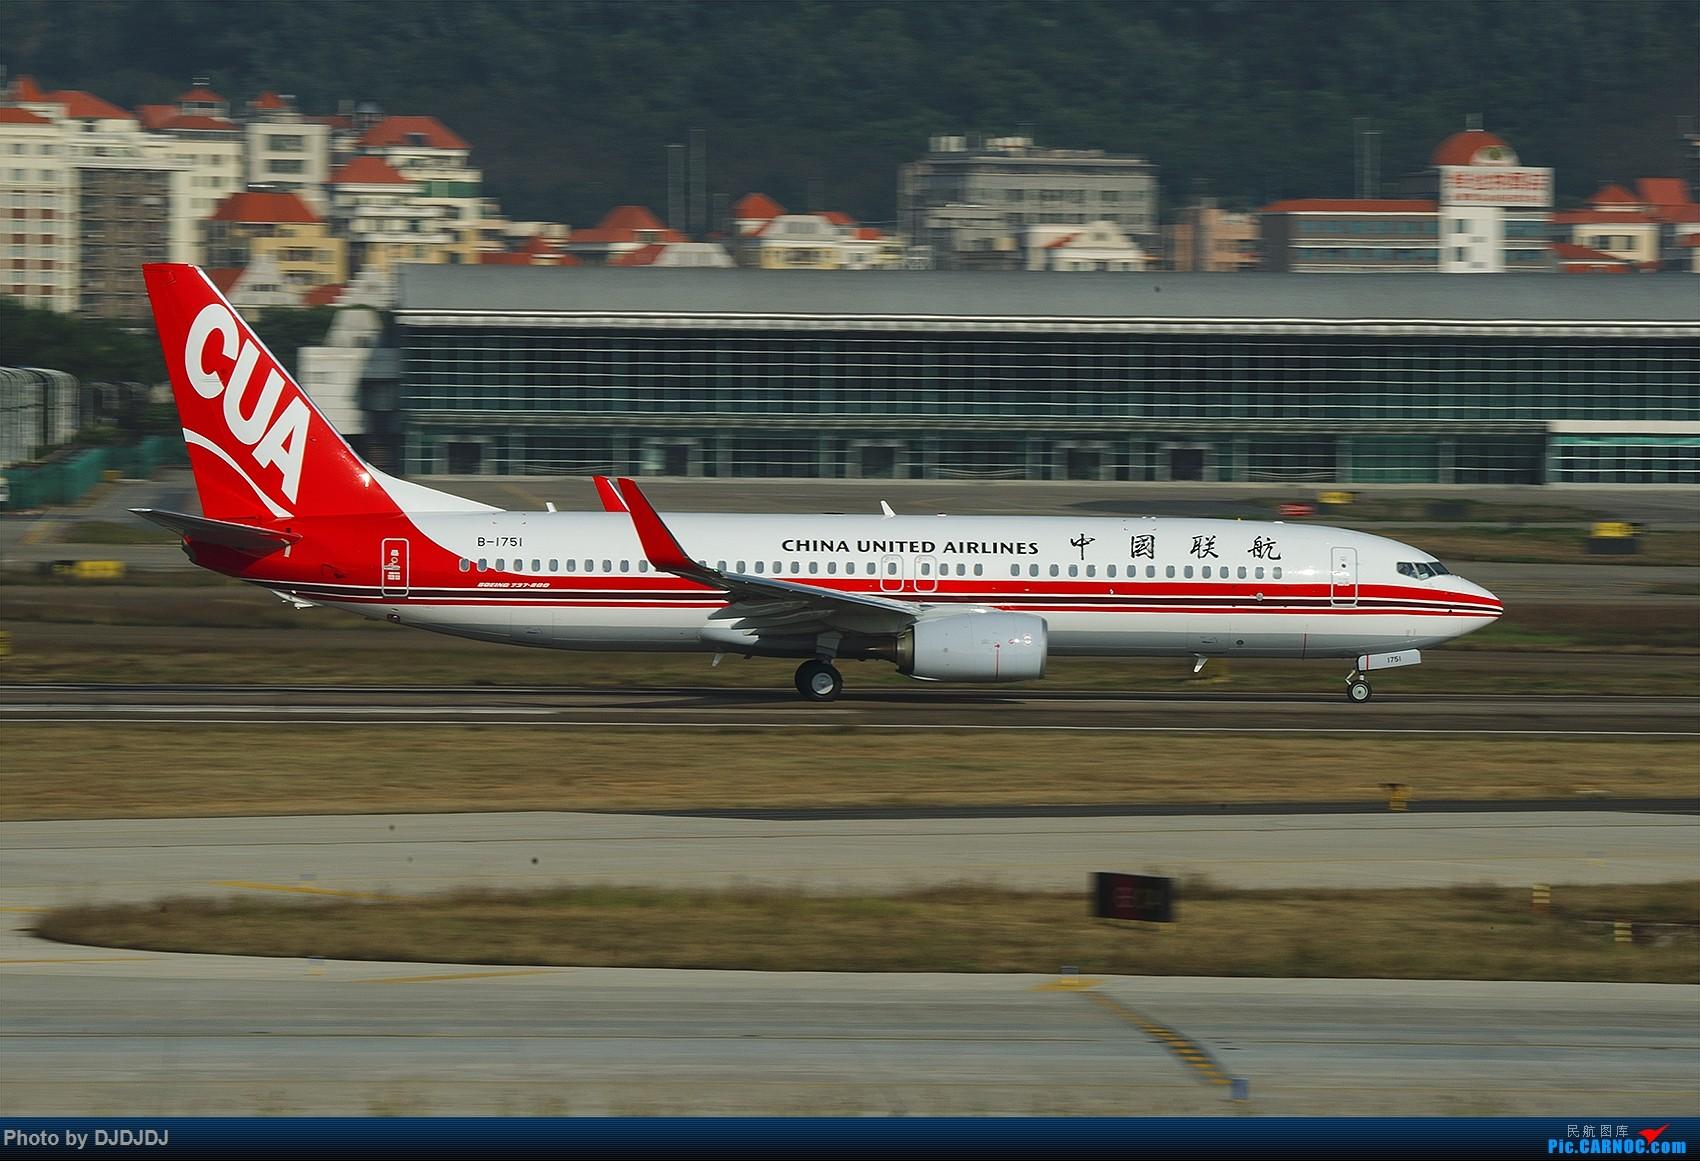 Re:[原创]【BLDDQ--深圳打机队】发小飞机盖楼贴,凡跟帖1字开头飞机图的,每图五架小飞机不重复 BOEING 737-800 B-1751 中国深圳宝安国际机场